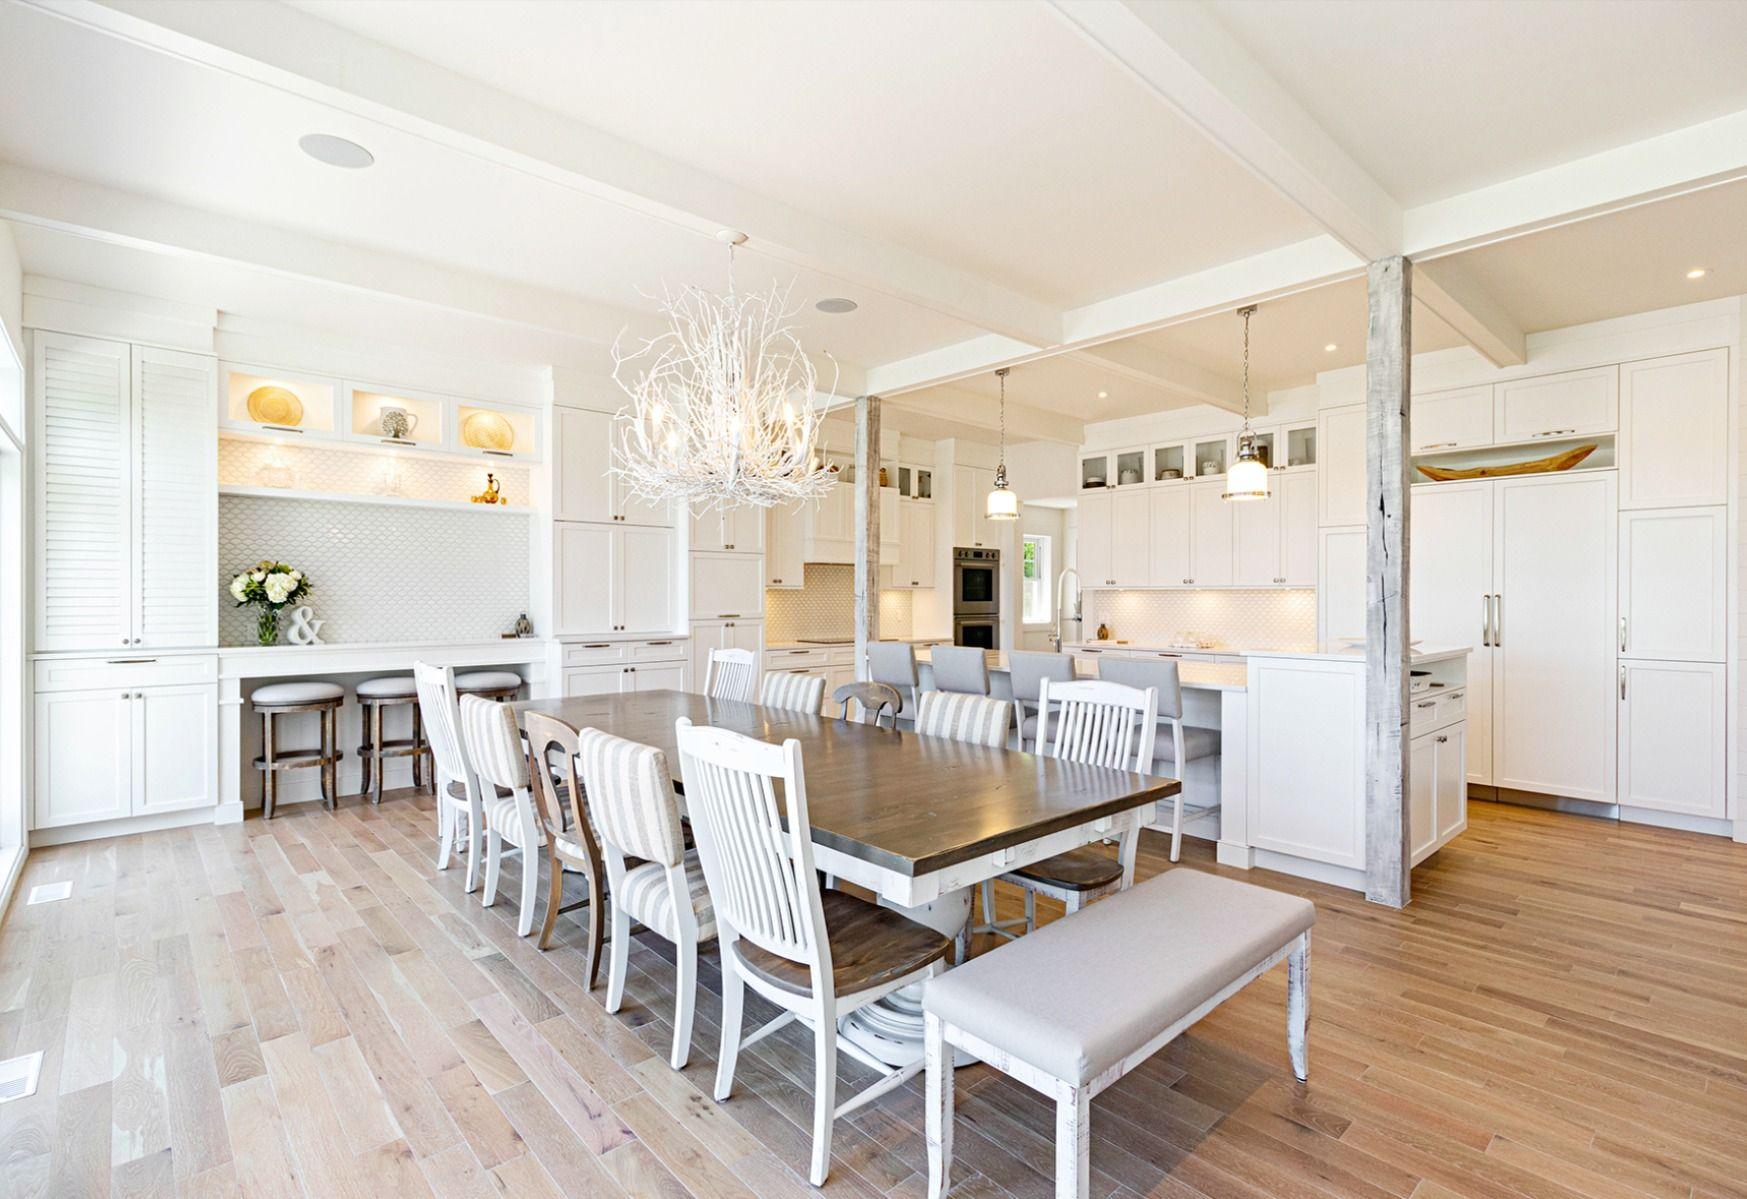 Cuisine Blanche Classique In 2020 Home Home Decor Design